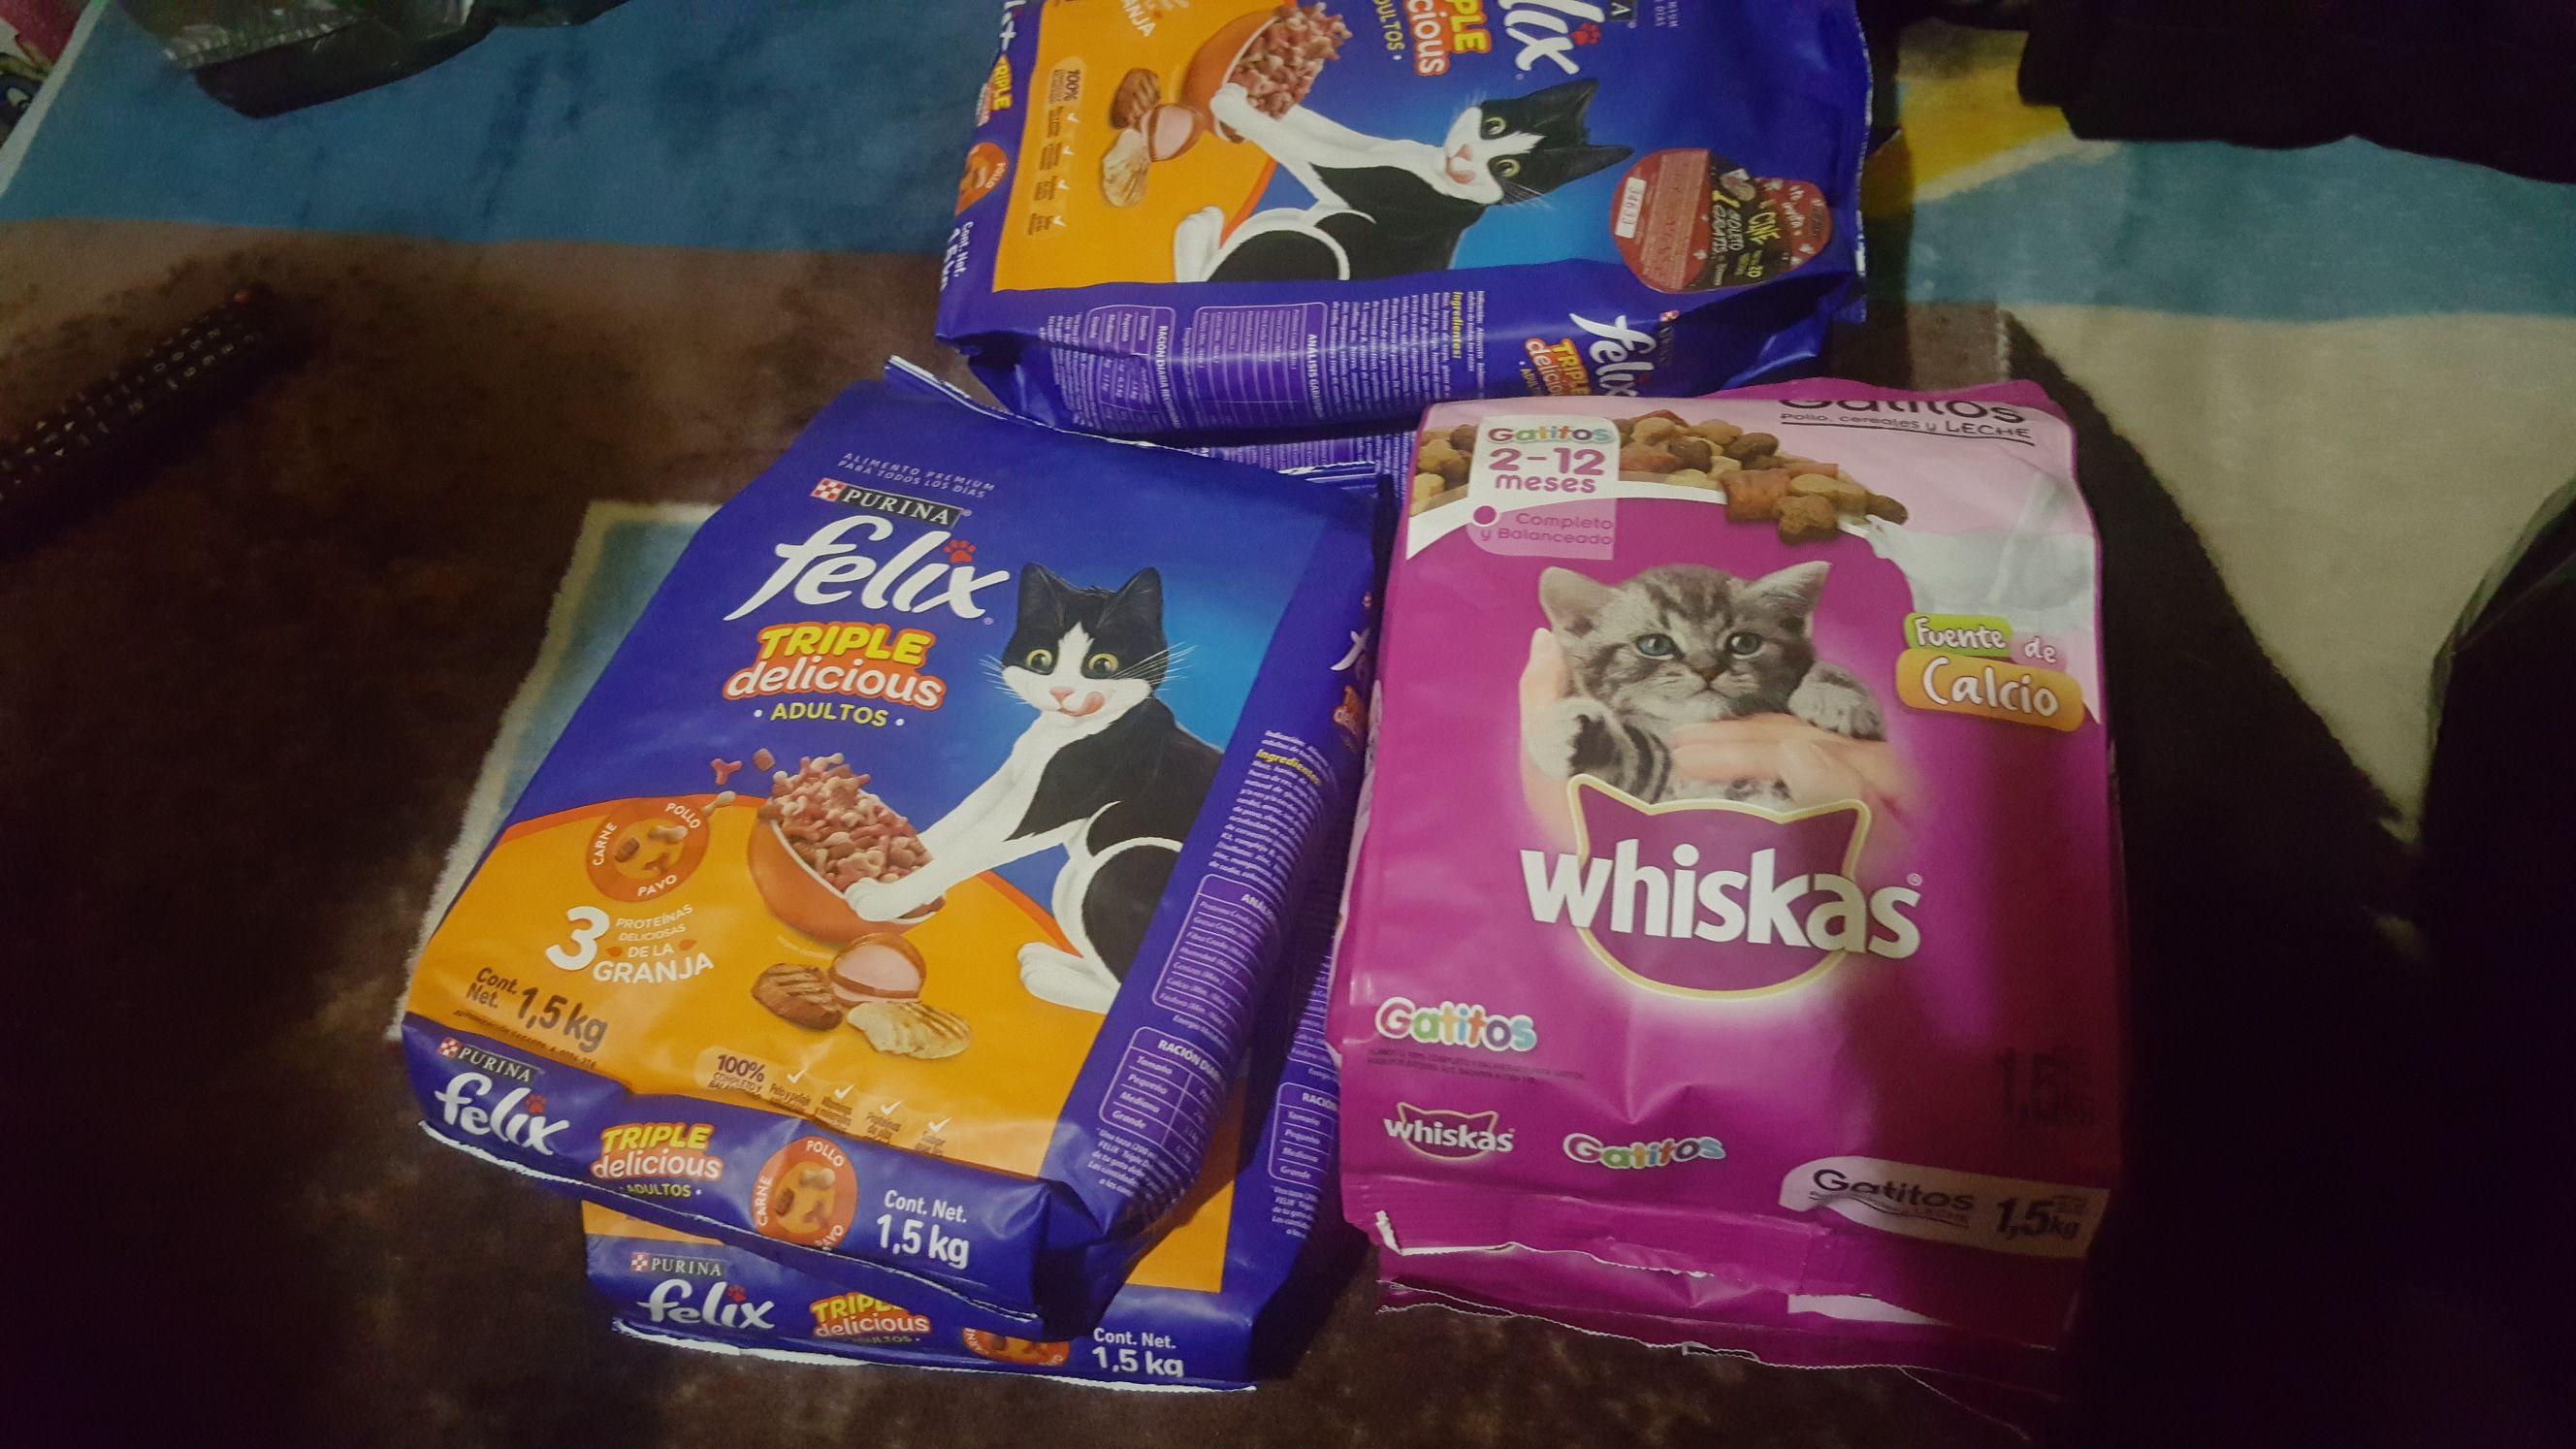 Bodega Aurrerá: Whiskas gatito 1.5 Kg $40.03